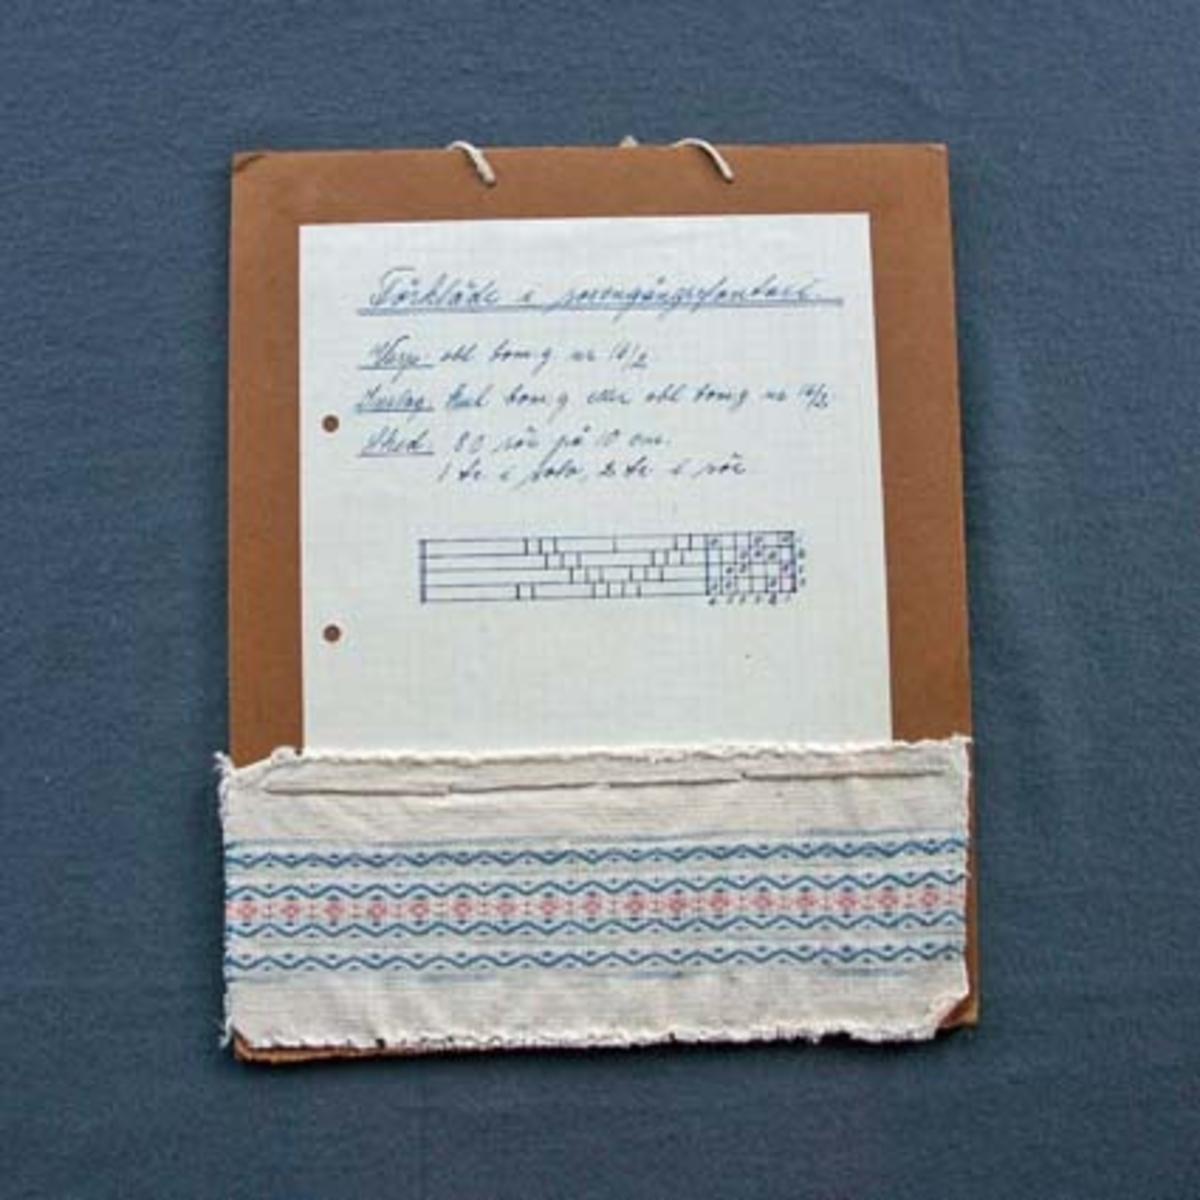 Prov till förklädestyg med tillhörande vävsedel uppsatt på kartong.